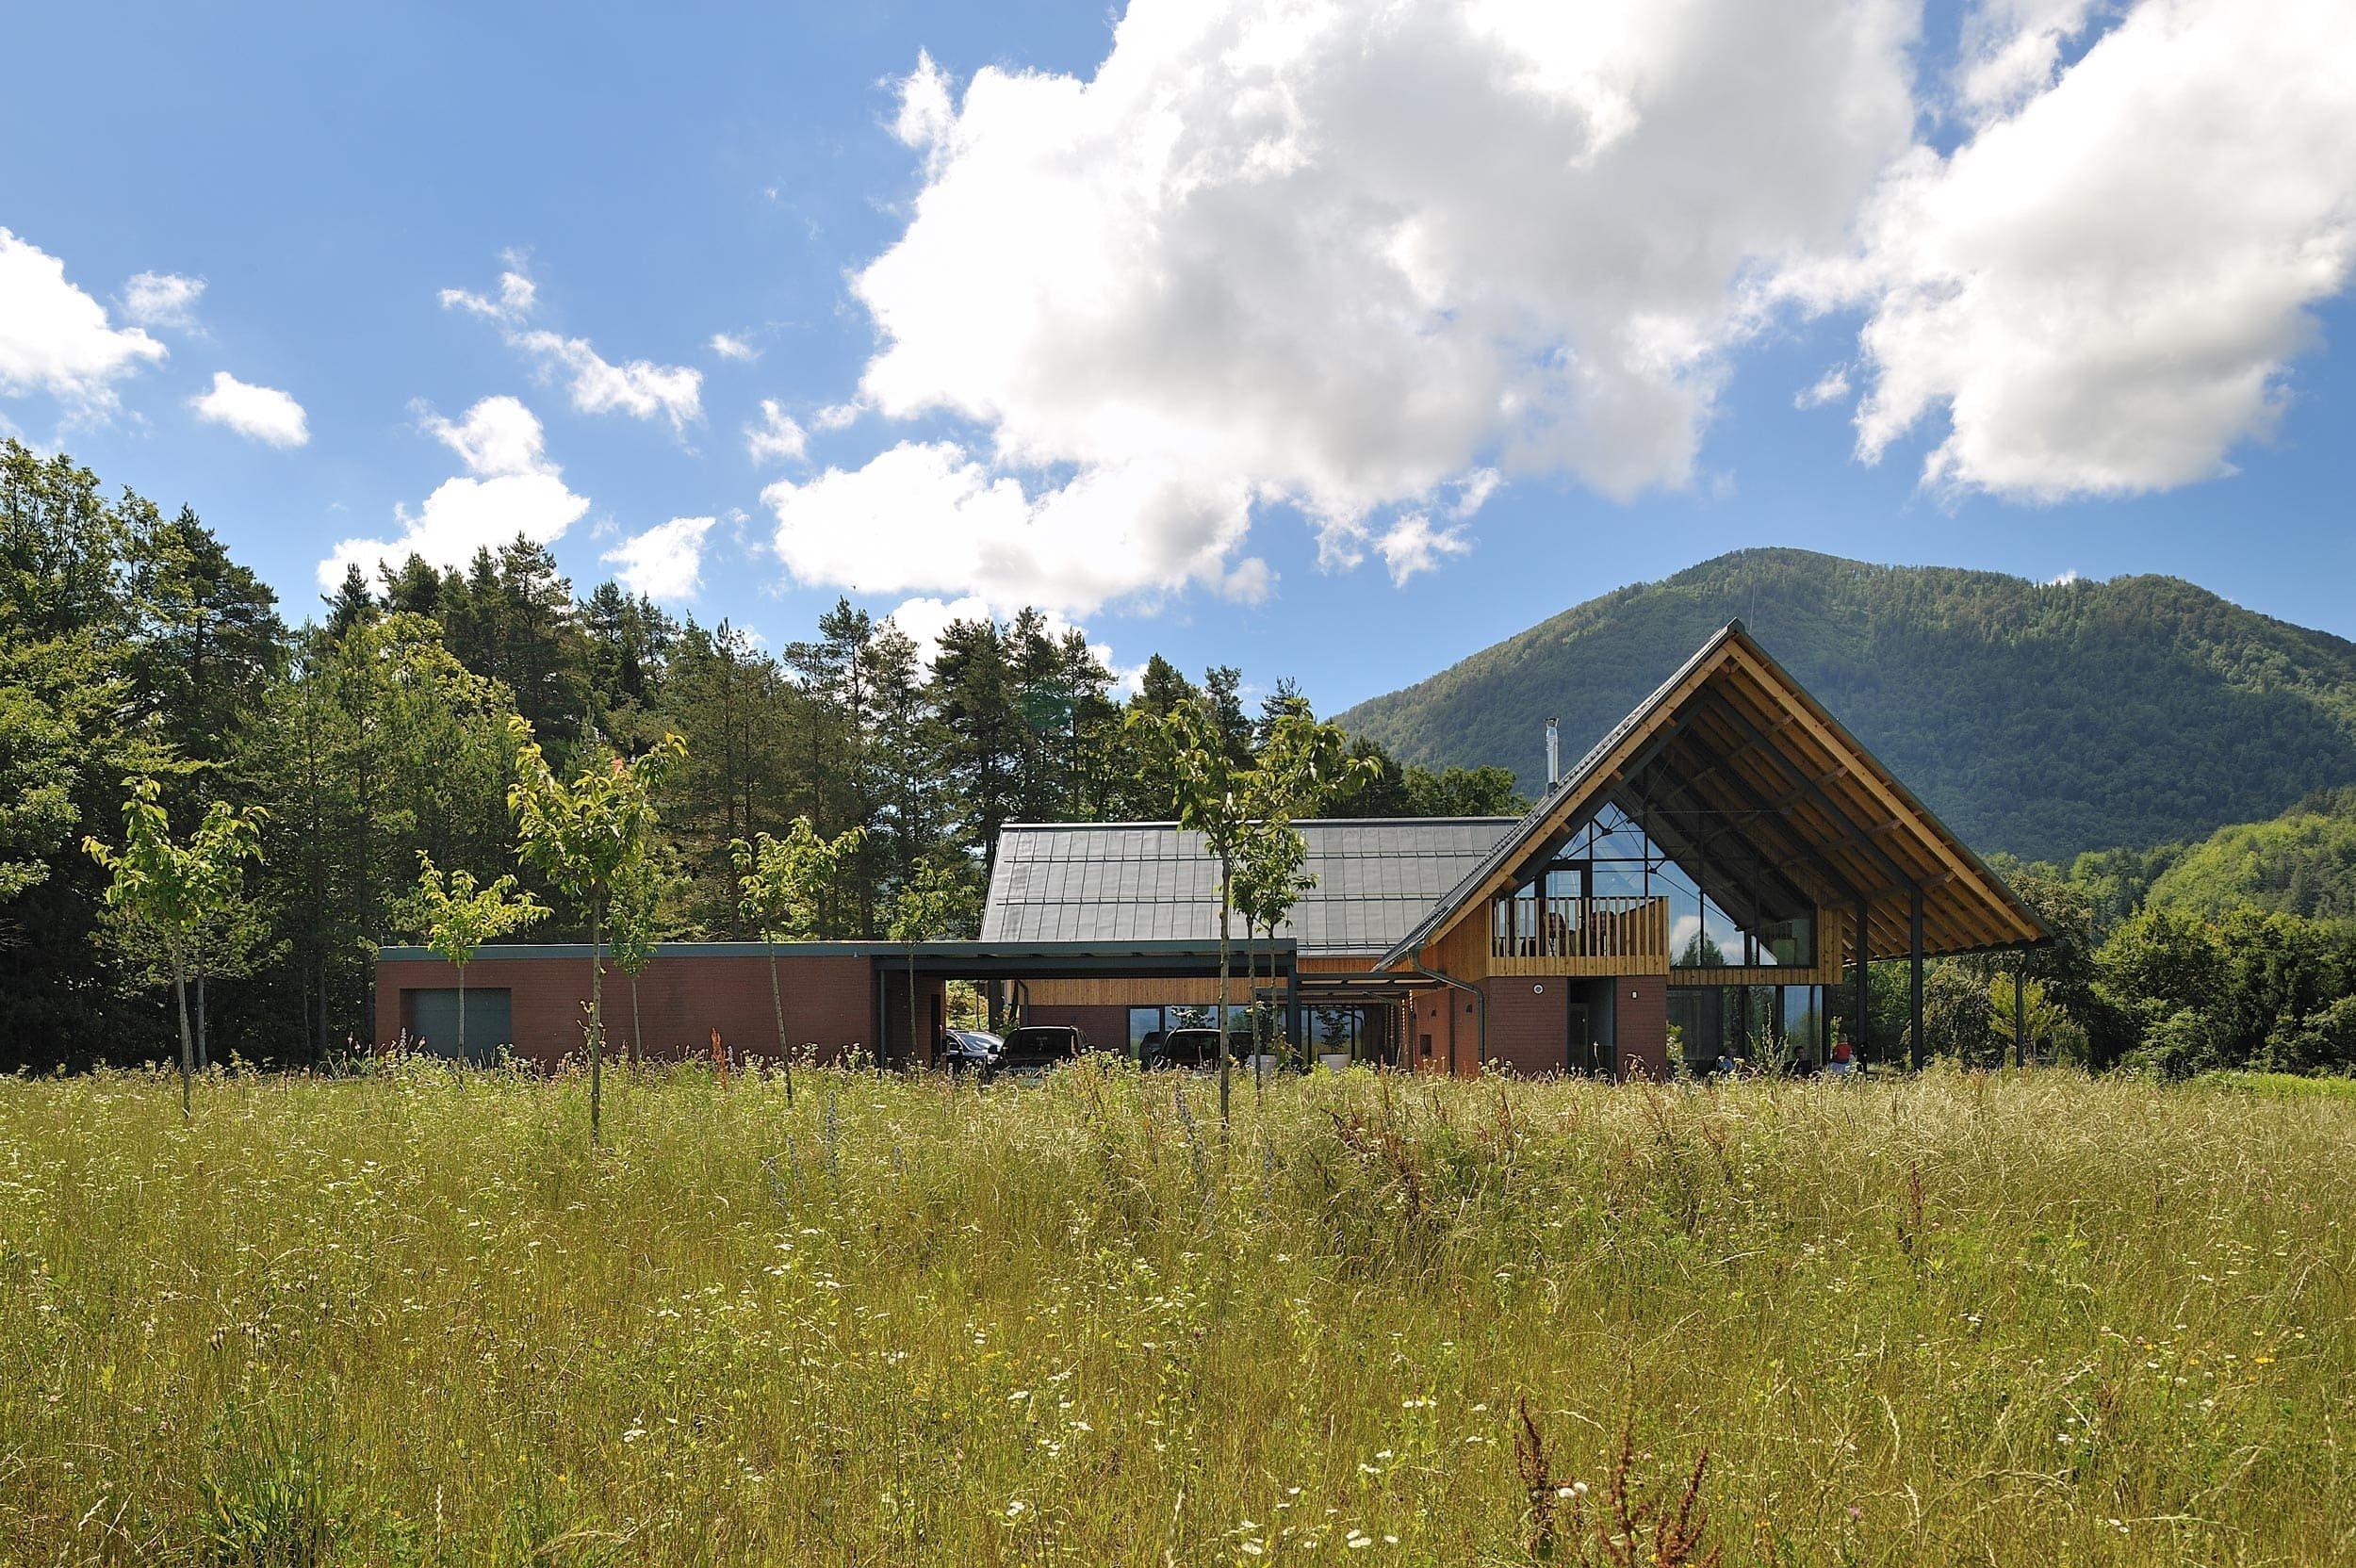 Na vrcholu kopce mezi osadami Pongrac a Griže se nachází rodinný dům s výjimečným výhledem na krásnou okolní krajinu. Zajímavý je jeho půdorys, který je navržen jako tři různě propojené části. Výsledkem je jedinečný dřevěný dům v objetí idylické přírody.